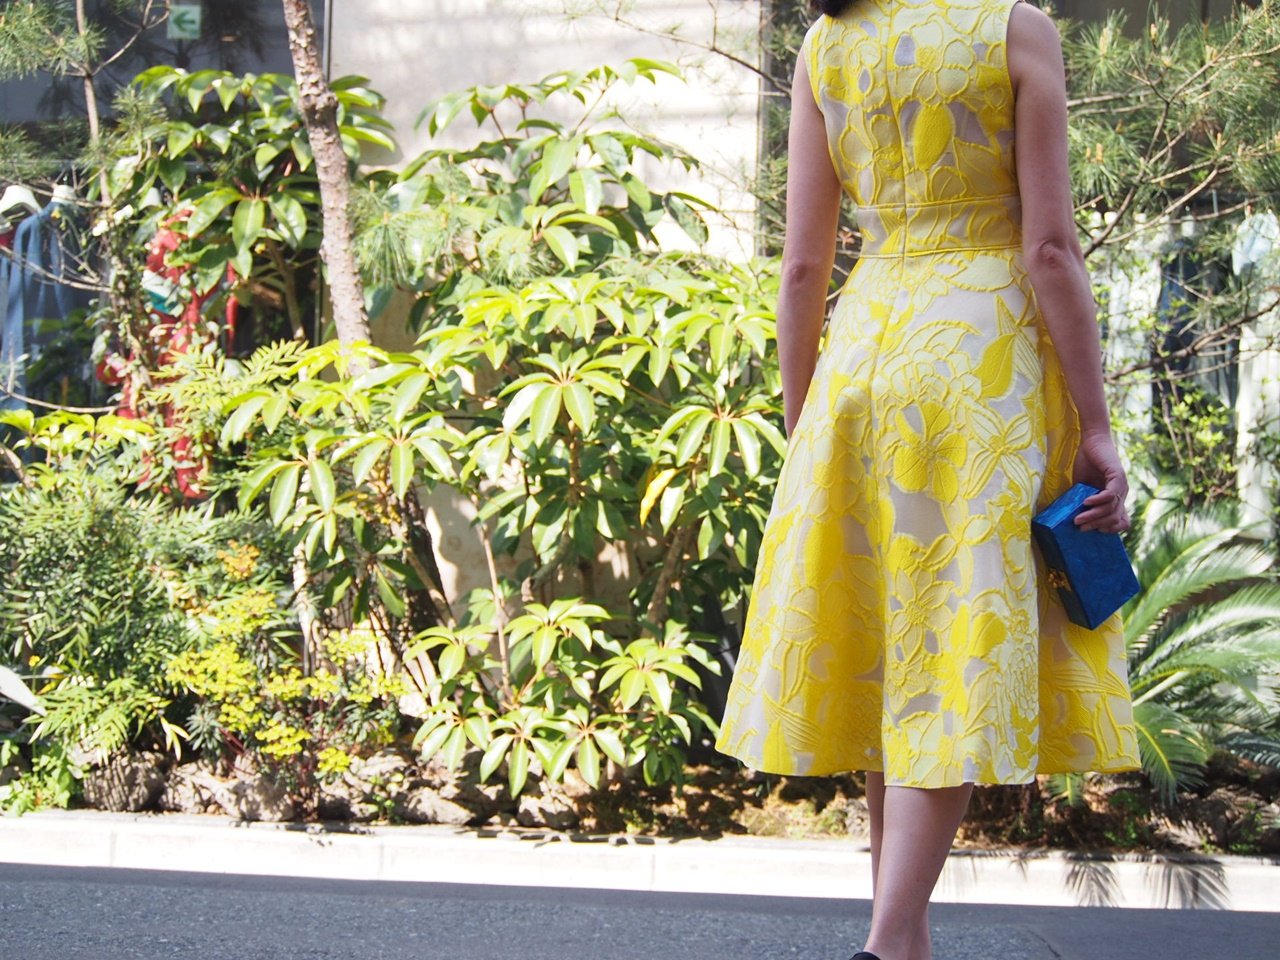 大柄のお花が素敵な黄色のノースリーブドレスには真っ青なブルーのクラッチバッグを合わせると春の結婚式やパーティーにおすすめのおしゃれなレンタルパーティードレス